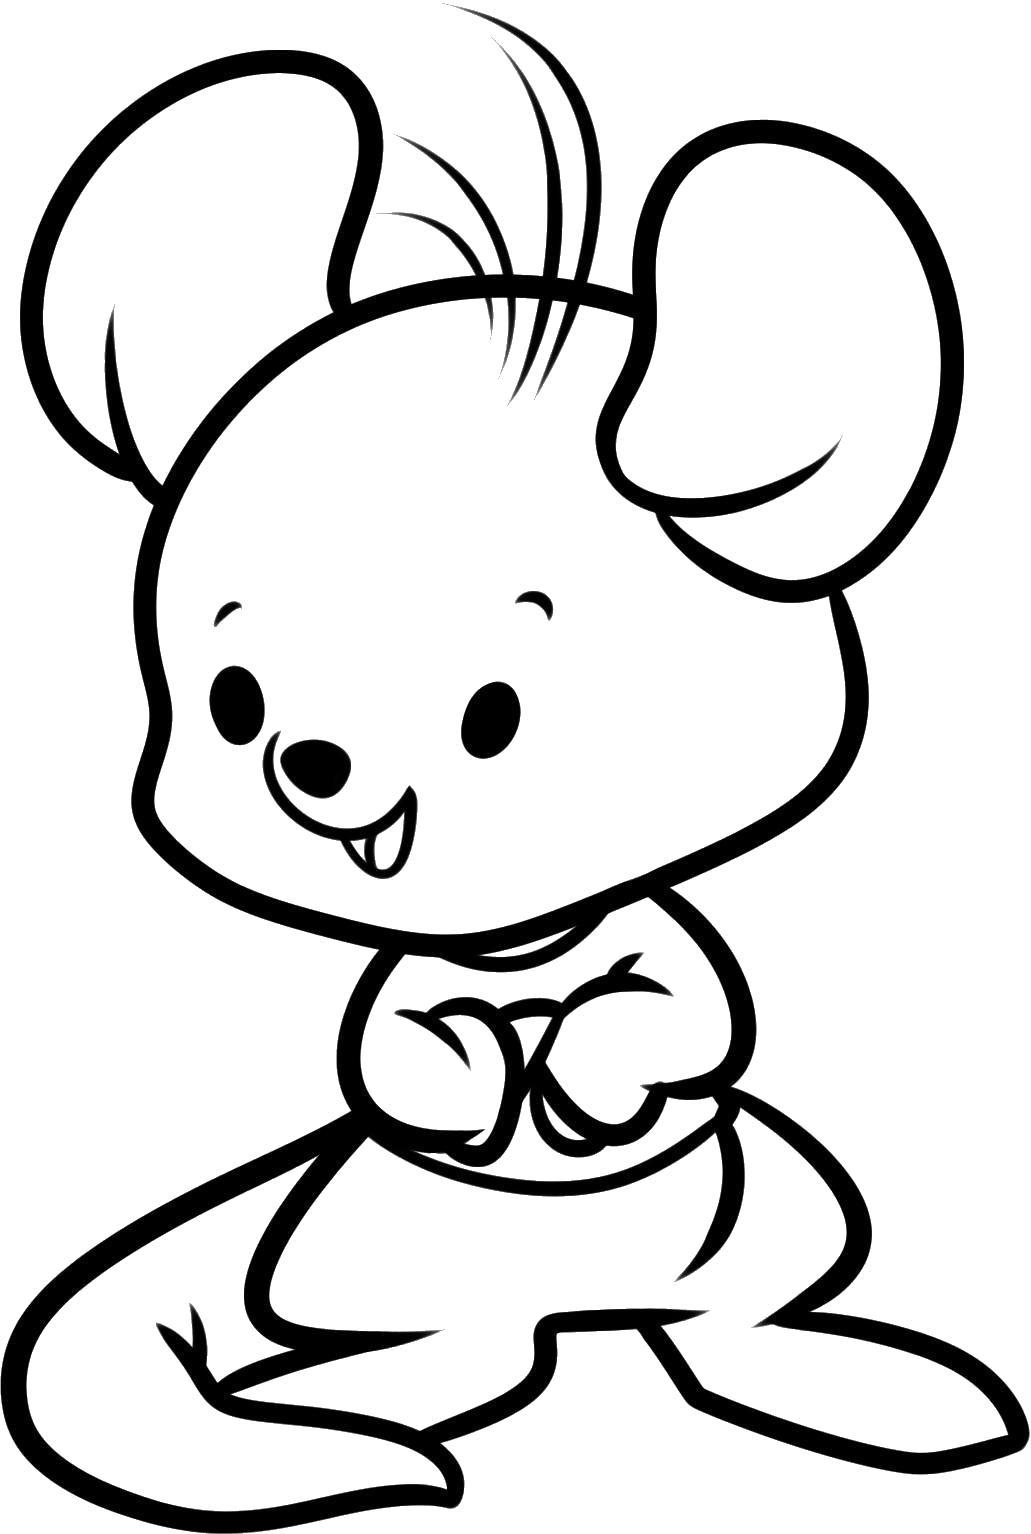 Супер крошка Раскраски для девочек бесплатно